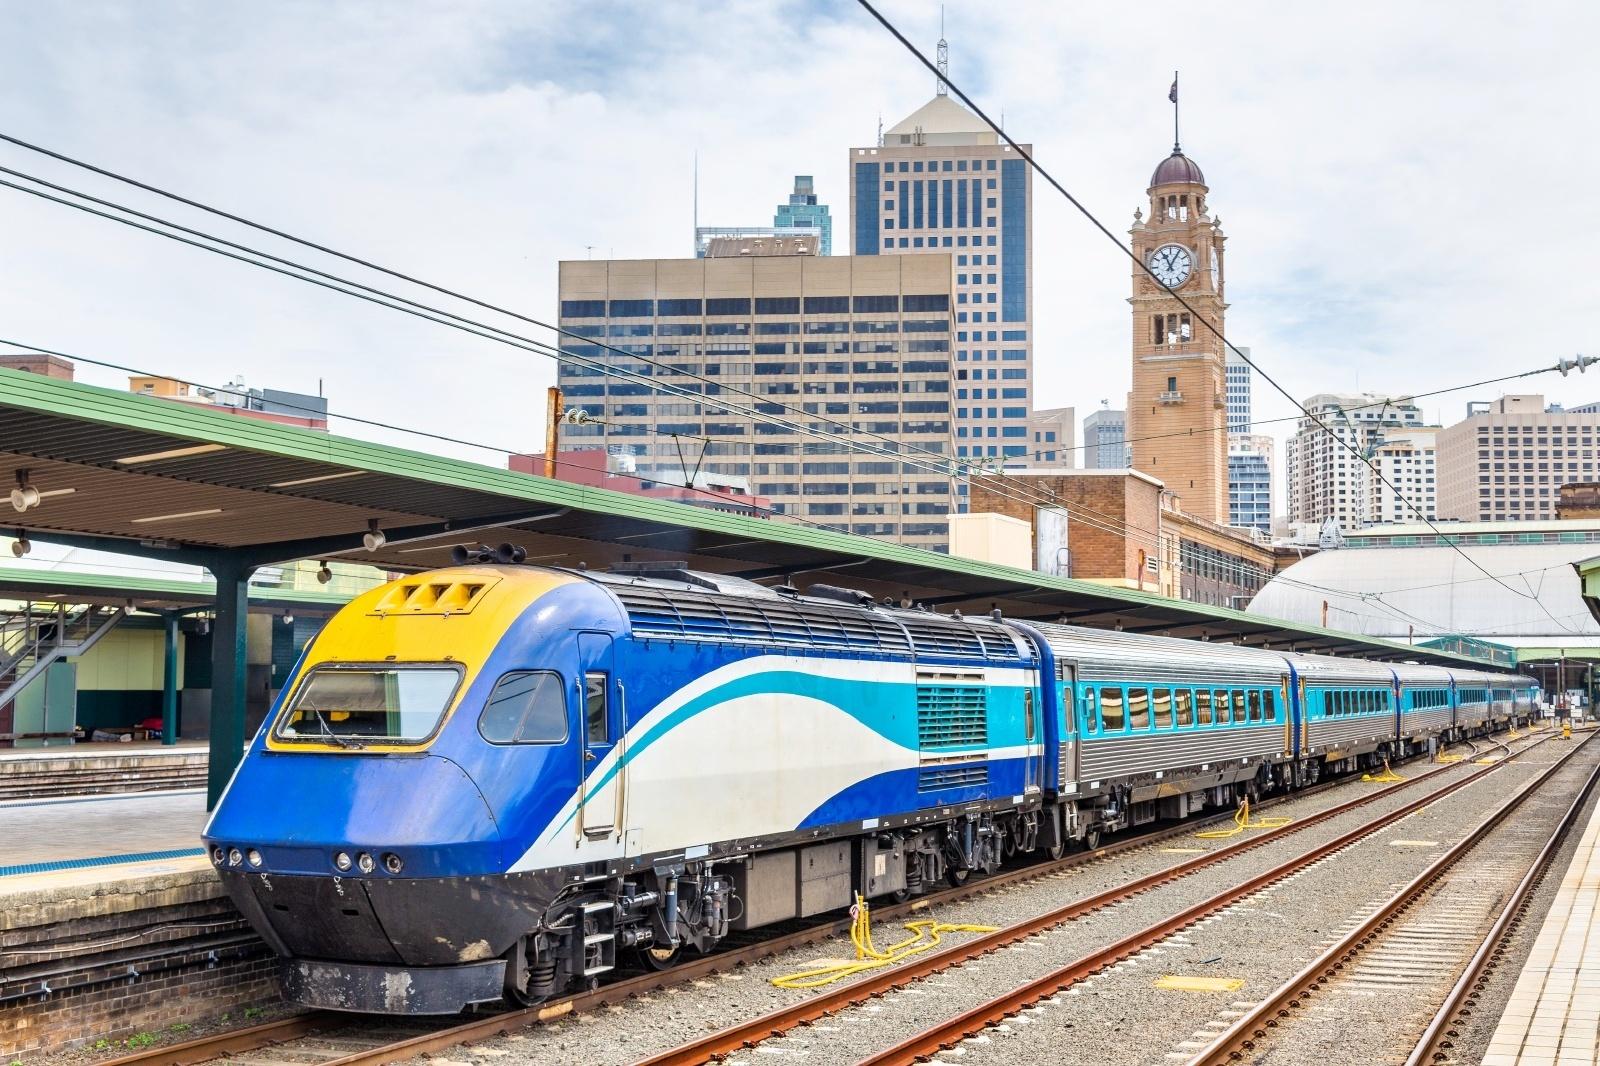 シドニー中央駅 オーストラリアの鉄道風景